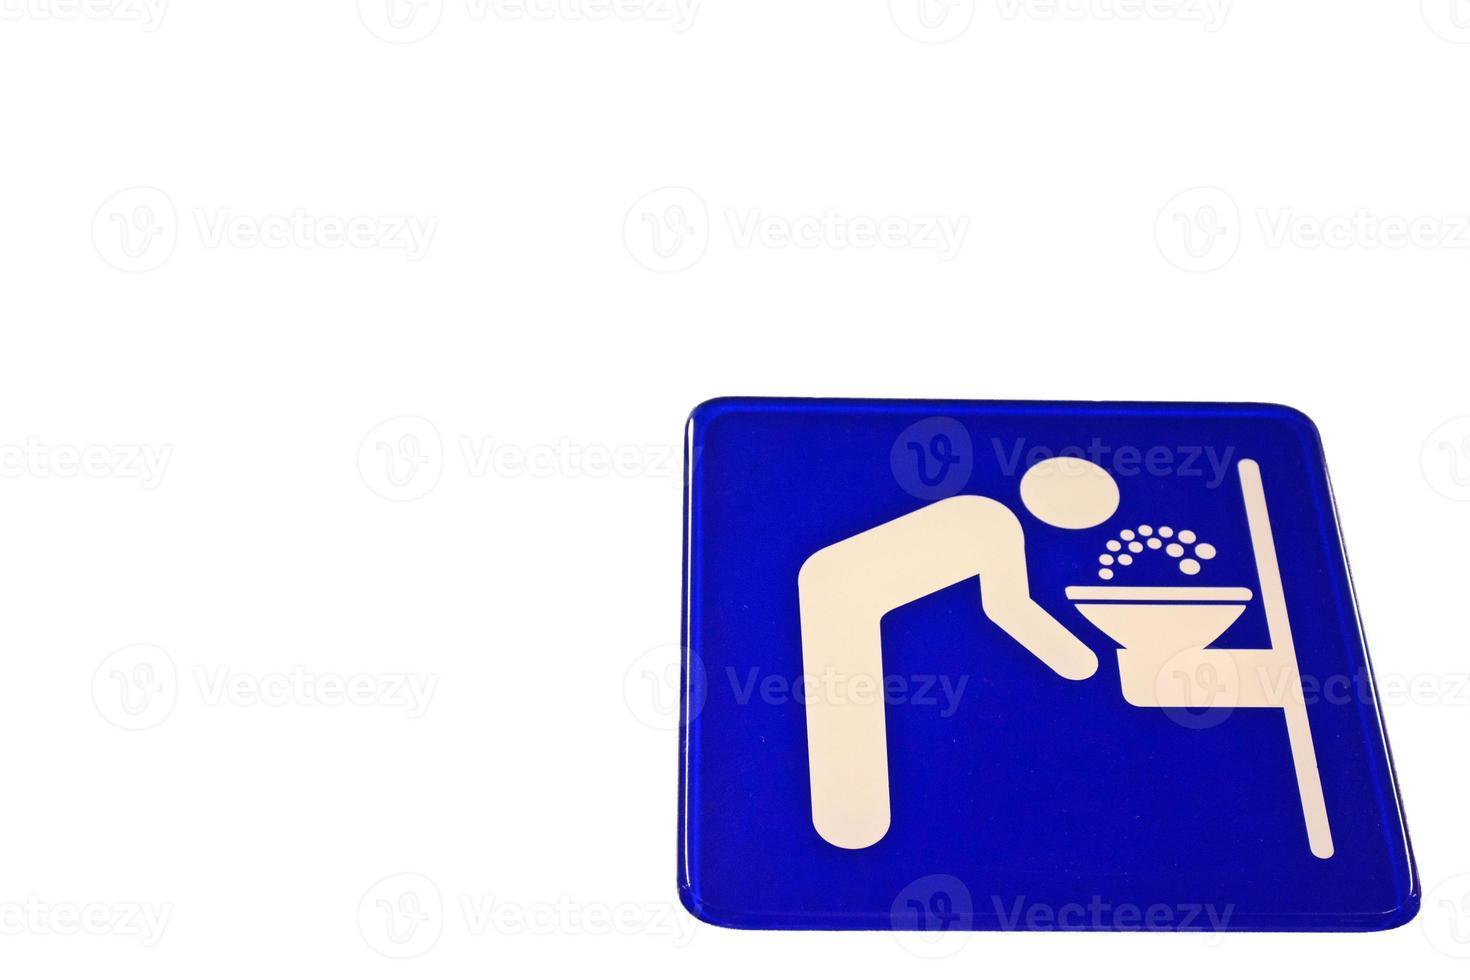 signe de l'eau potable photo